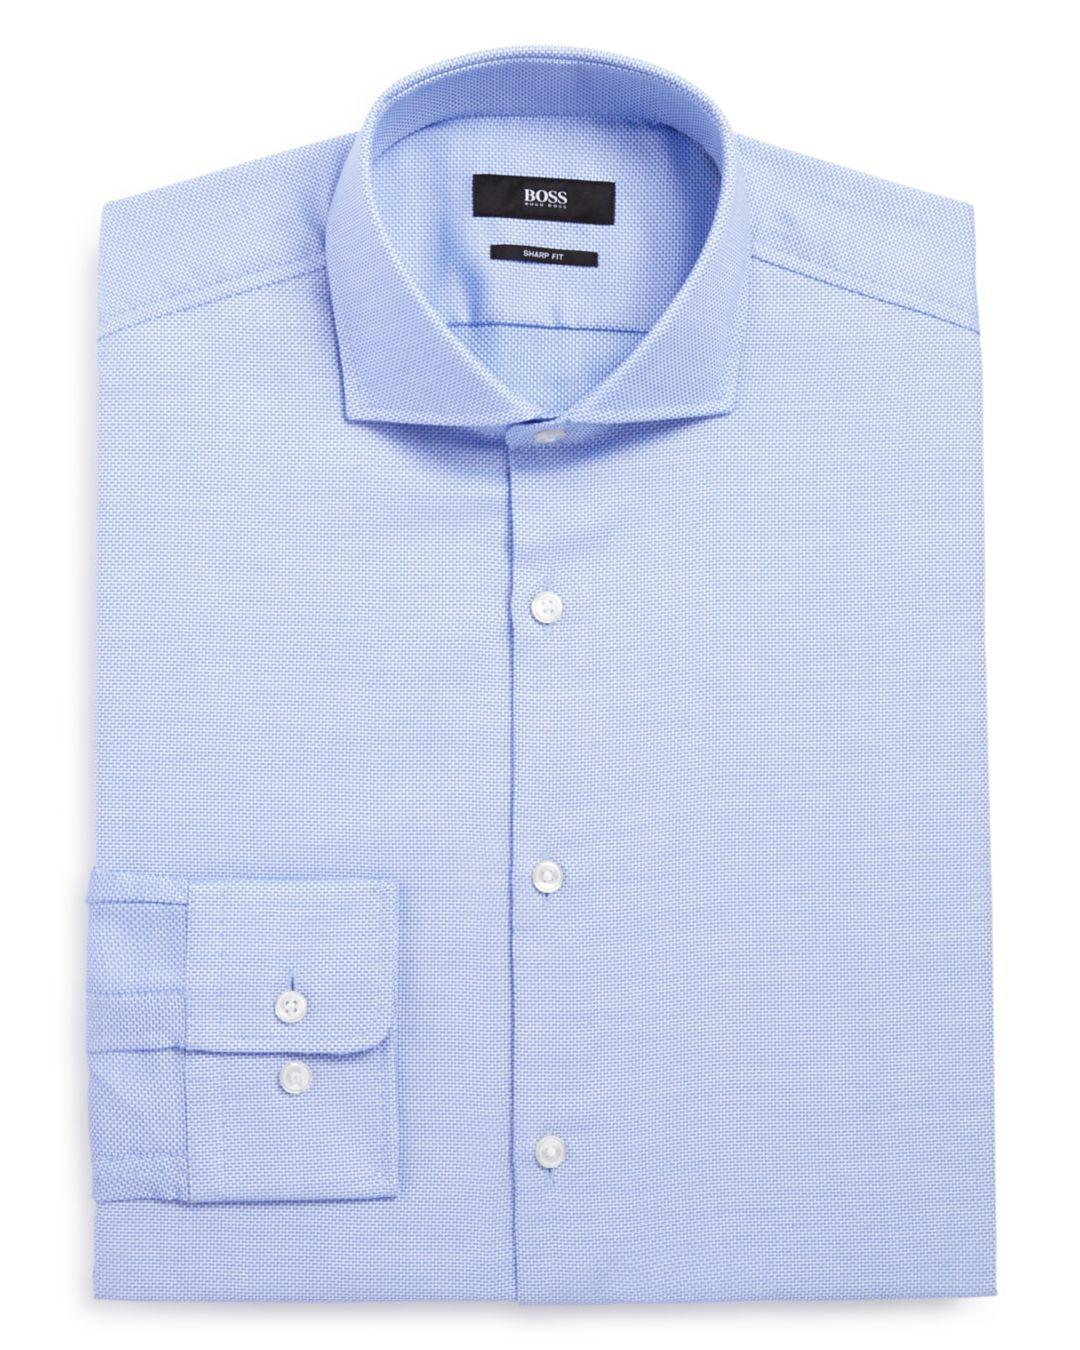 12a7cbe2 BOSS - Blue Men's Sharp-fit Cotton Oxford Dress Shirt for Men - Lyst. View  fullscreen